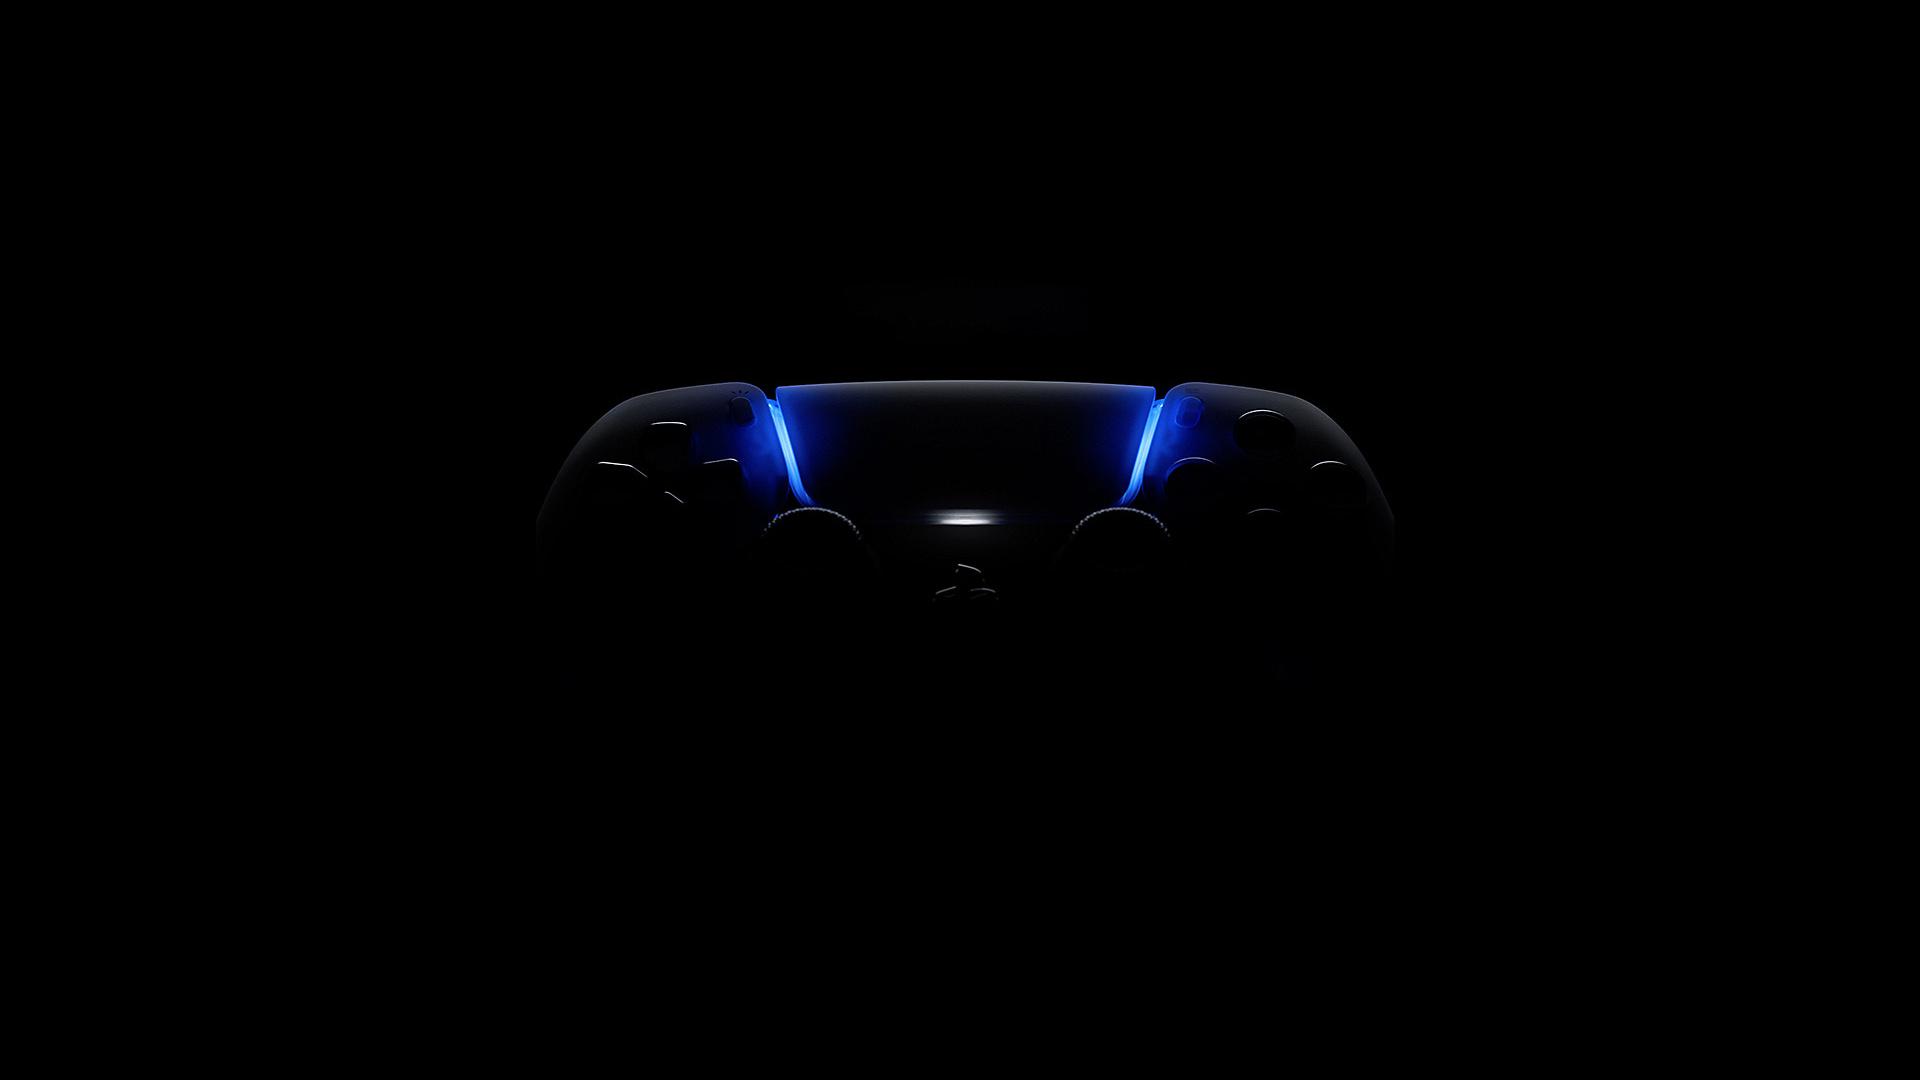 Playstation 5 Showcase Stream Delayed Egm